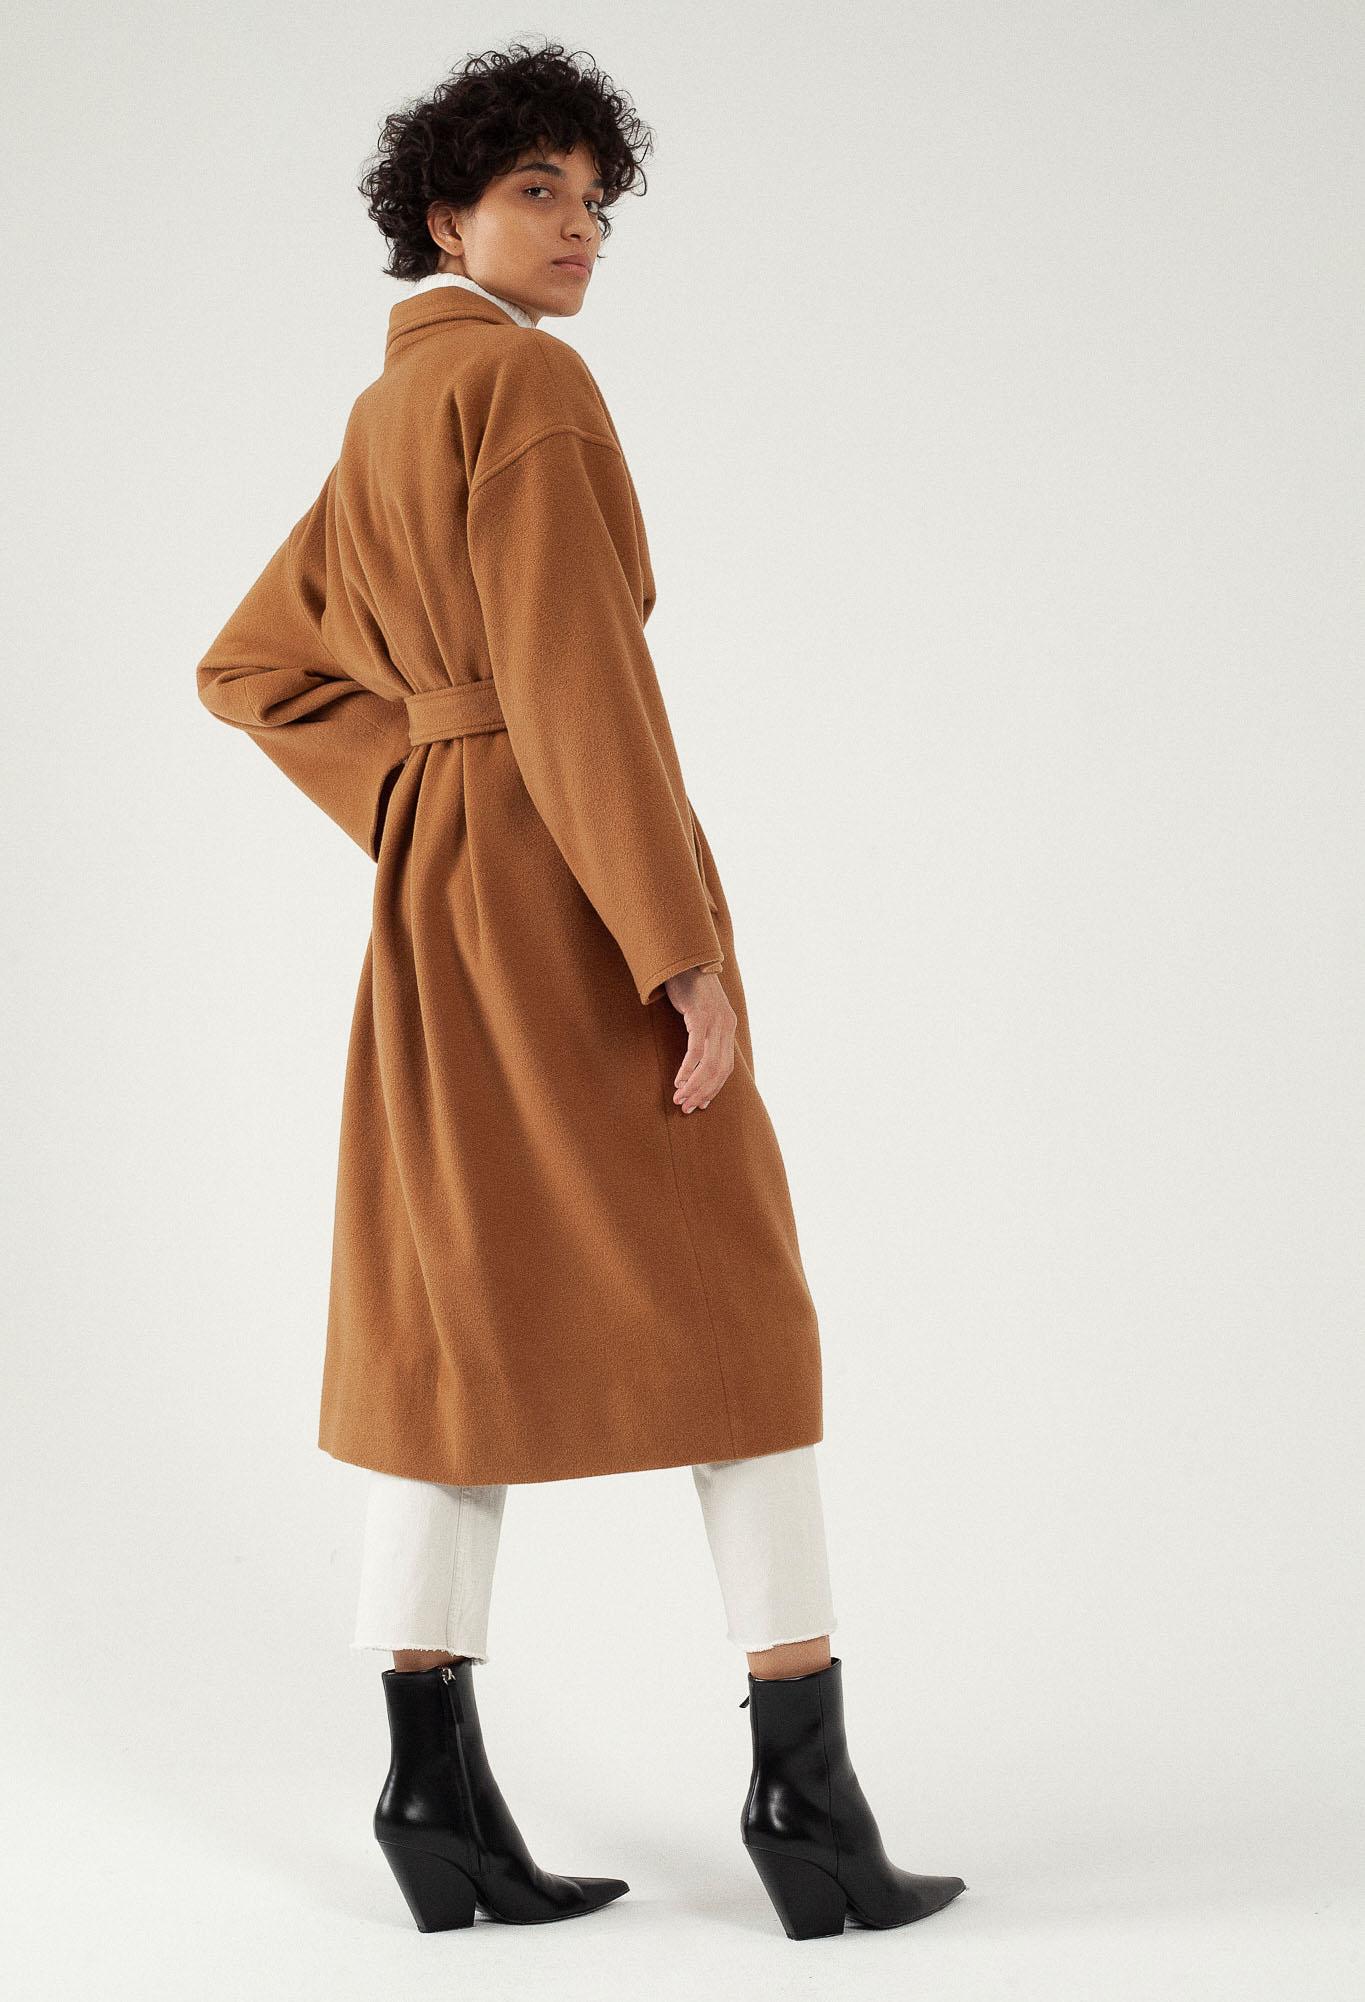 Manteau long camel oversize en laine par le créateur Tremblepierre. chez AFFAIRES ÉTRANGÈRES - 4